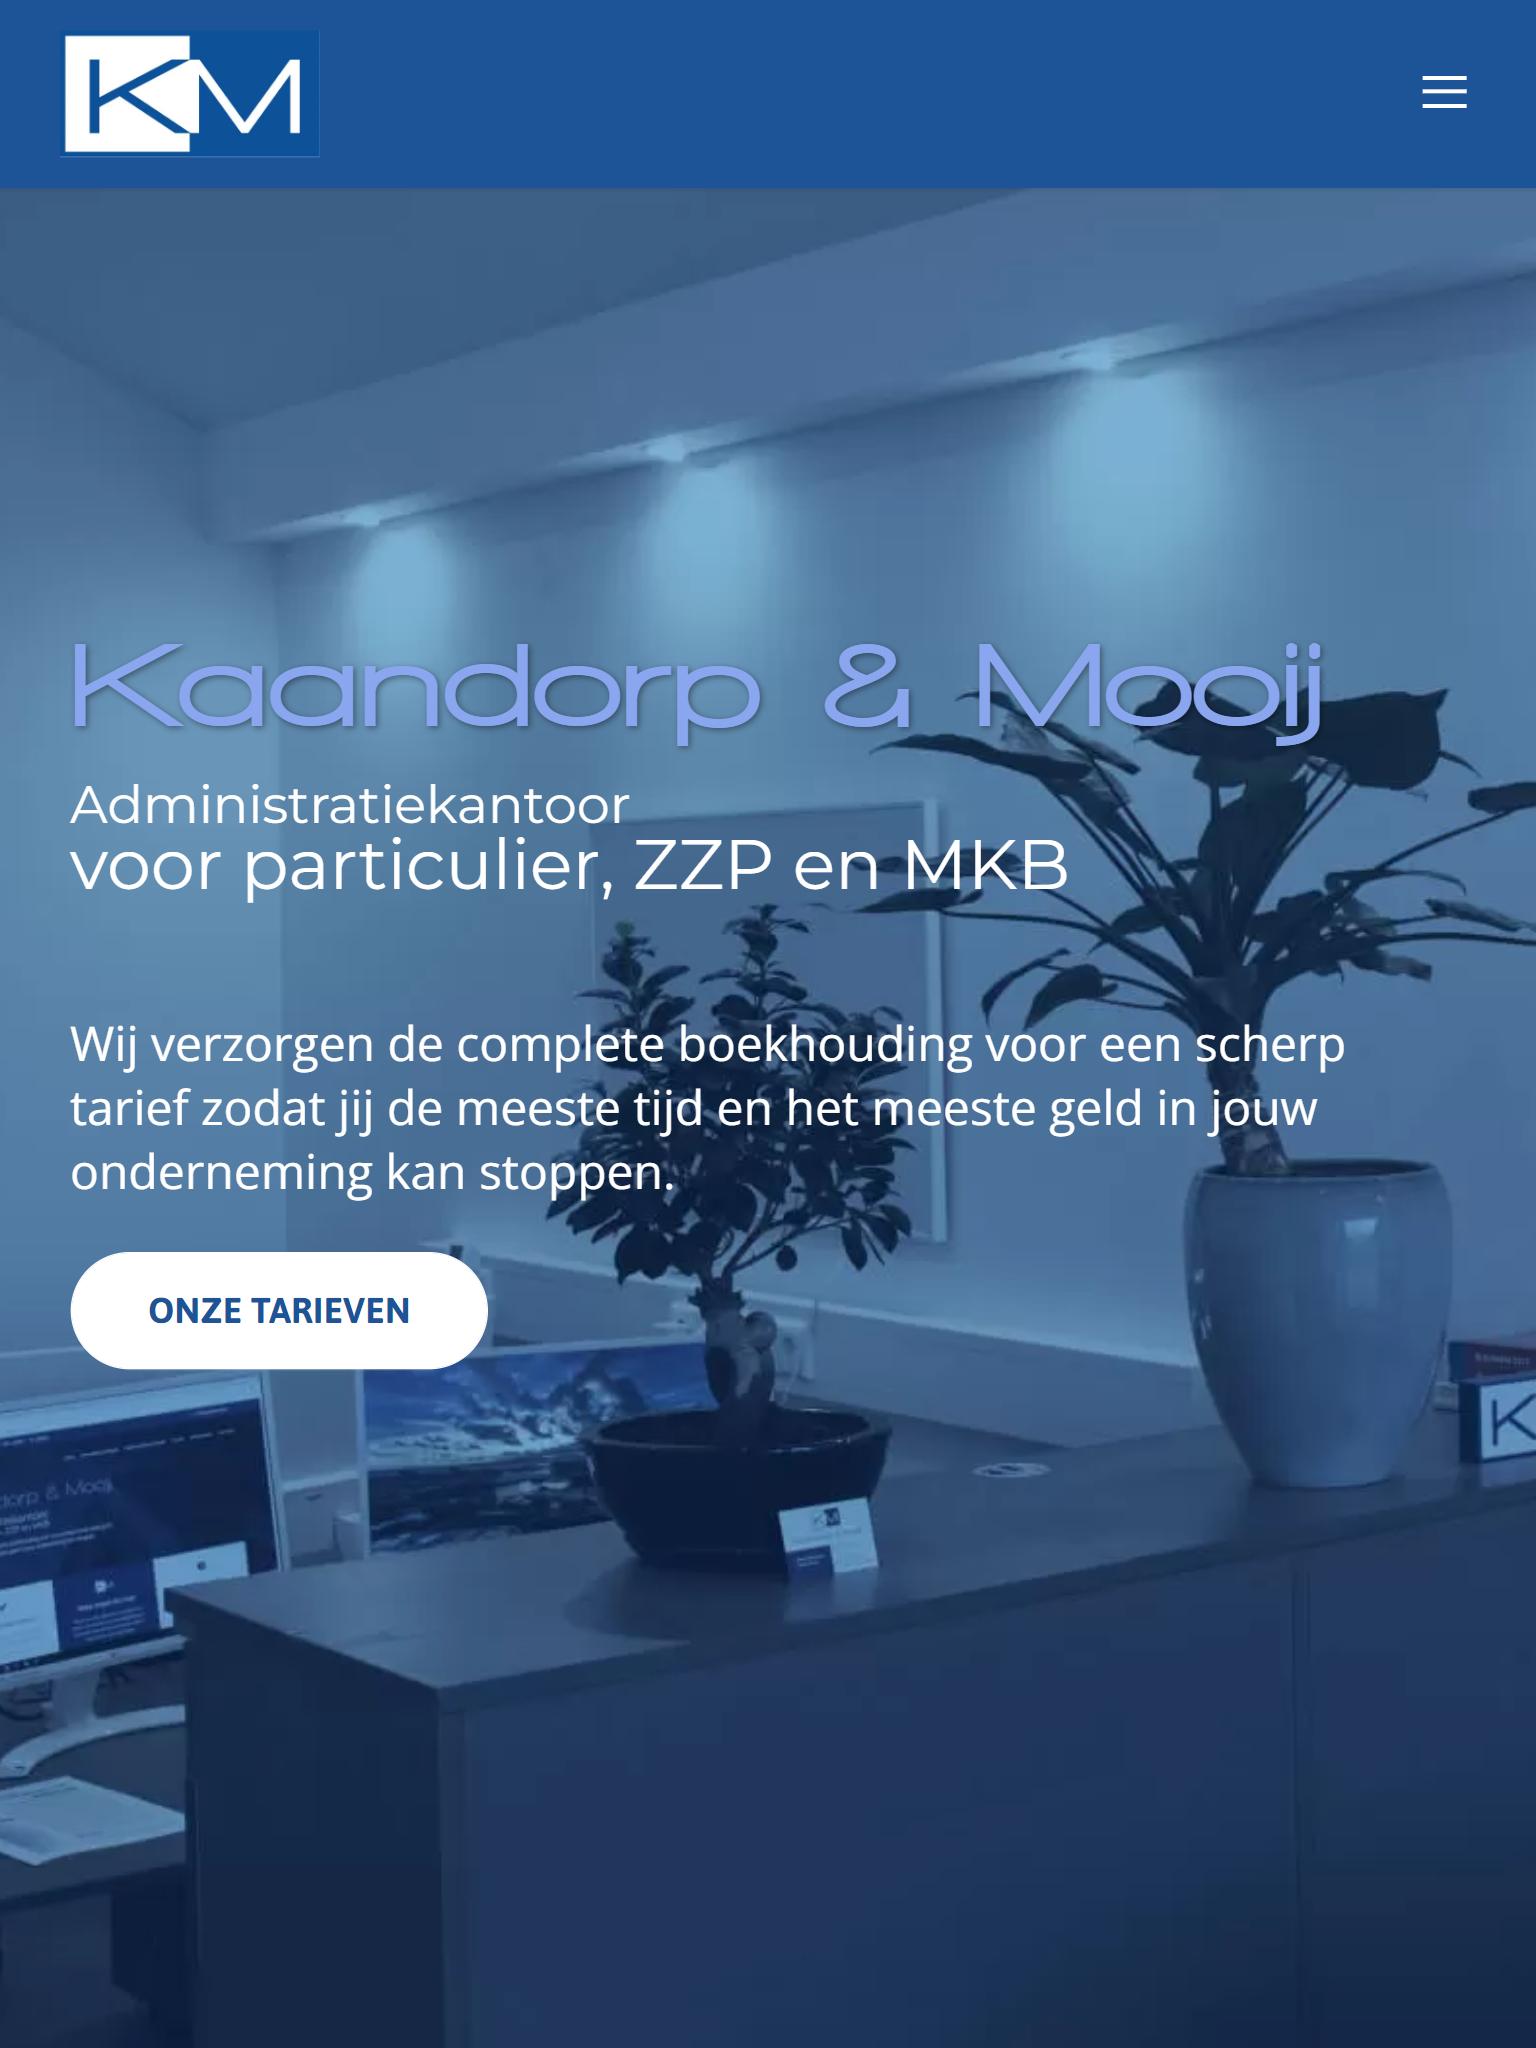 kaandorpmooij.nl - Nieuw - Tabletweergave